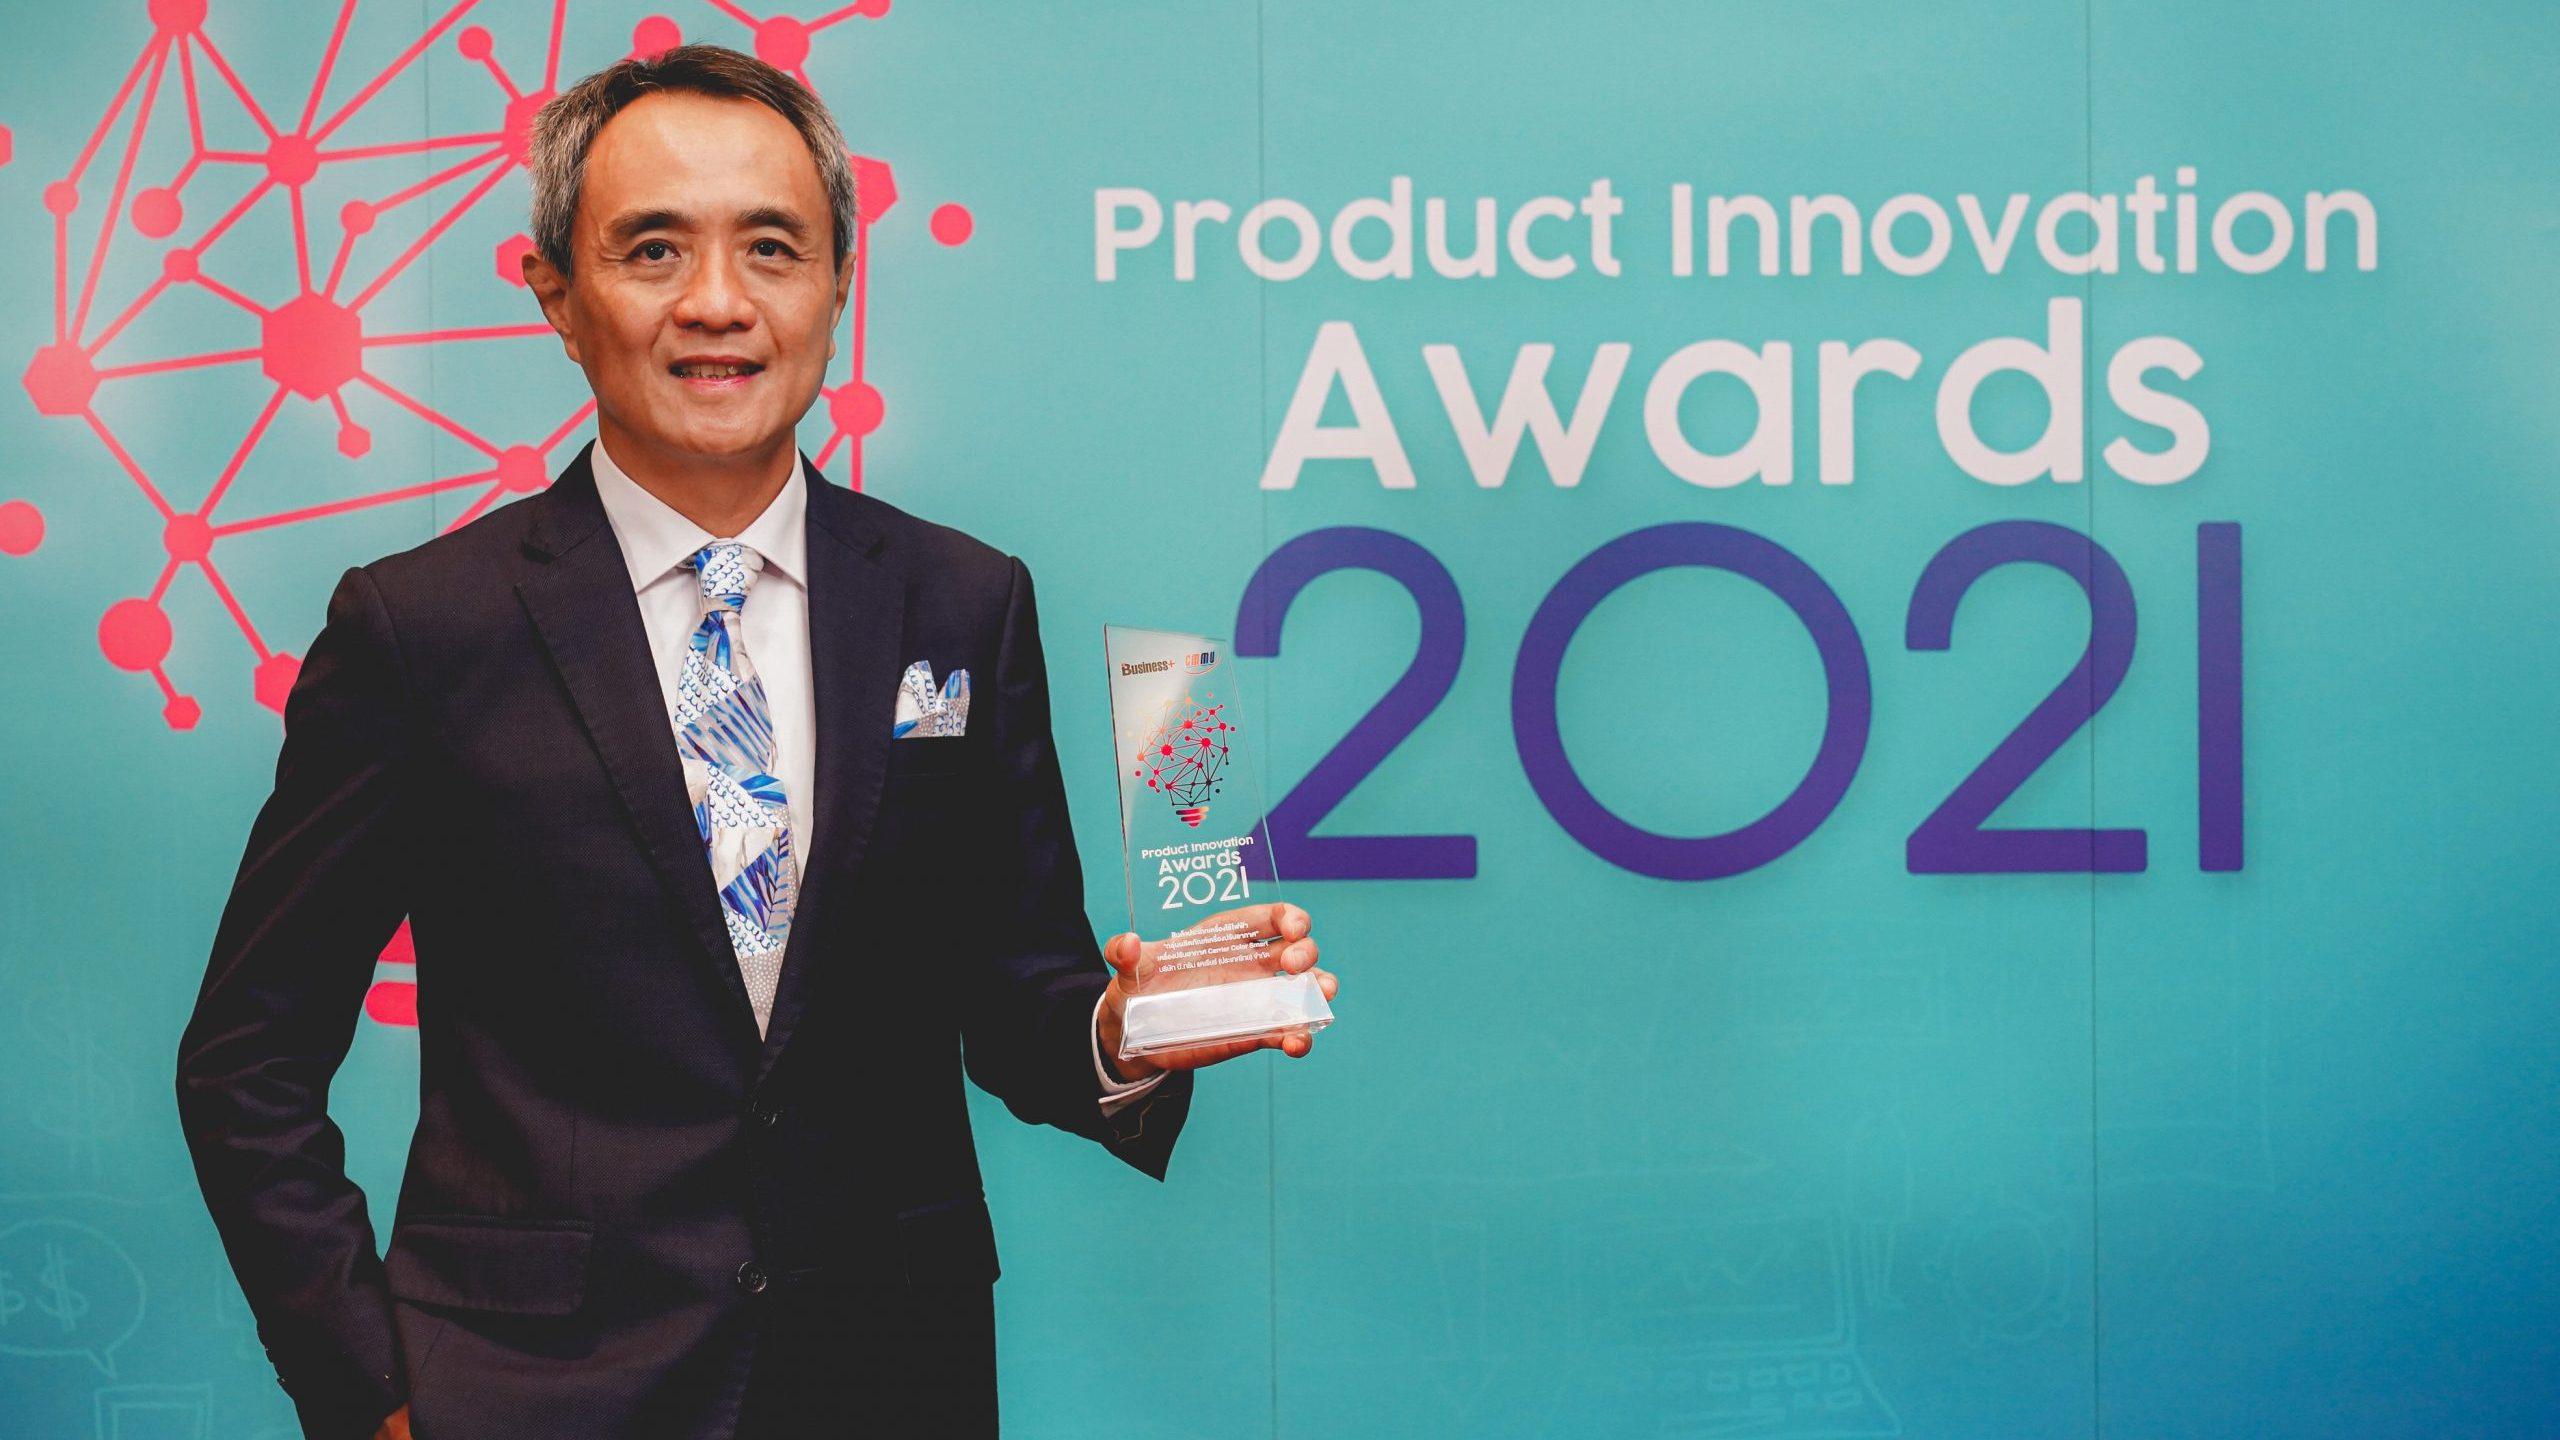 carrier Product Innovation Award 2021 แอร์แคเรียร์